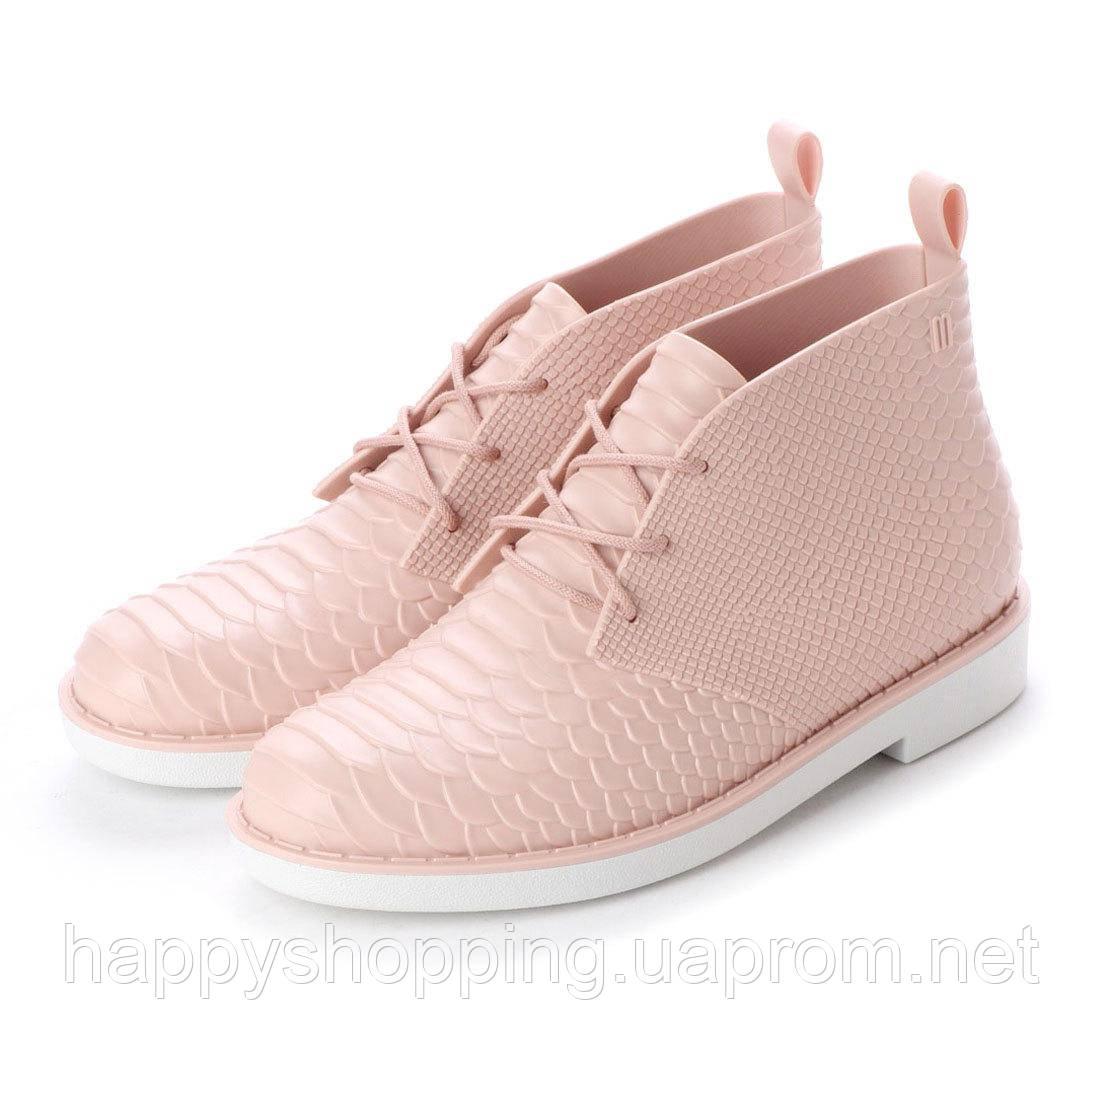 Женские оригинальные стильные пудровые пахнущие ботинки Melissa